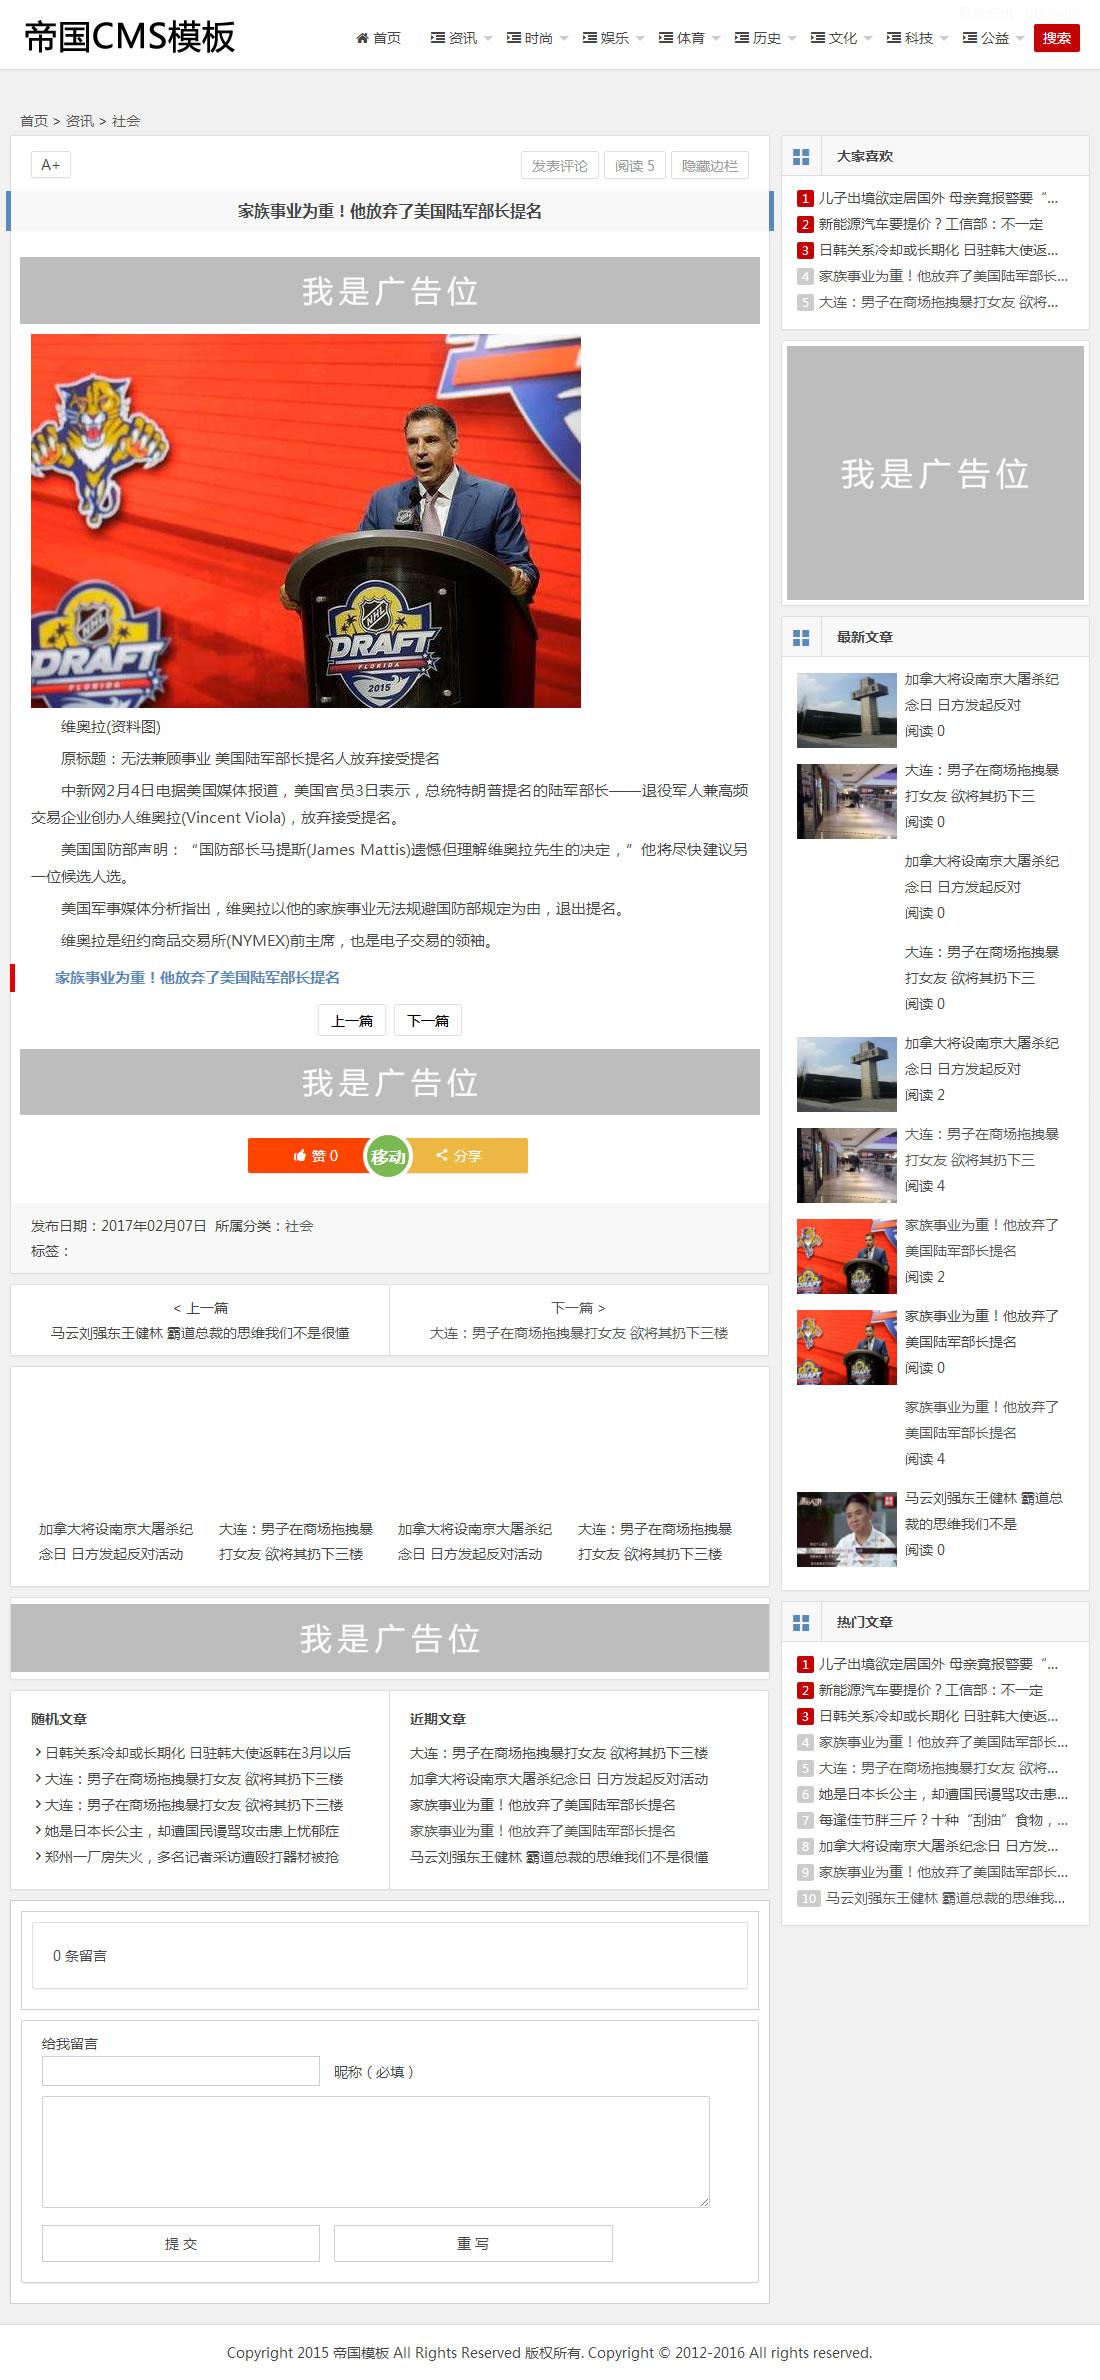 大气简洁线条帝国cms新闻博客资讯类网站模板_内容页模板